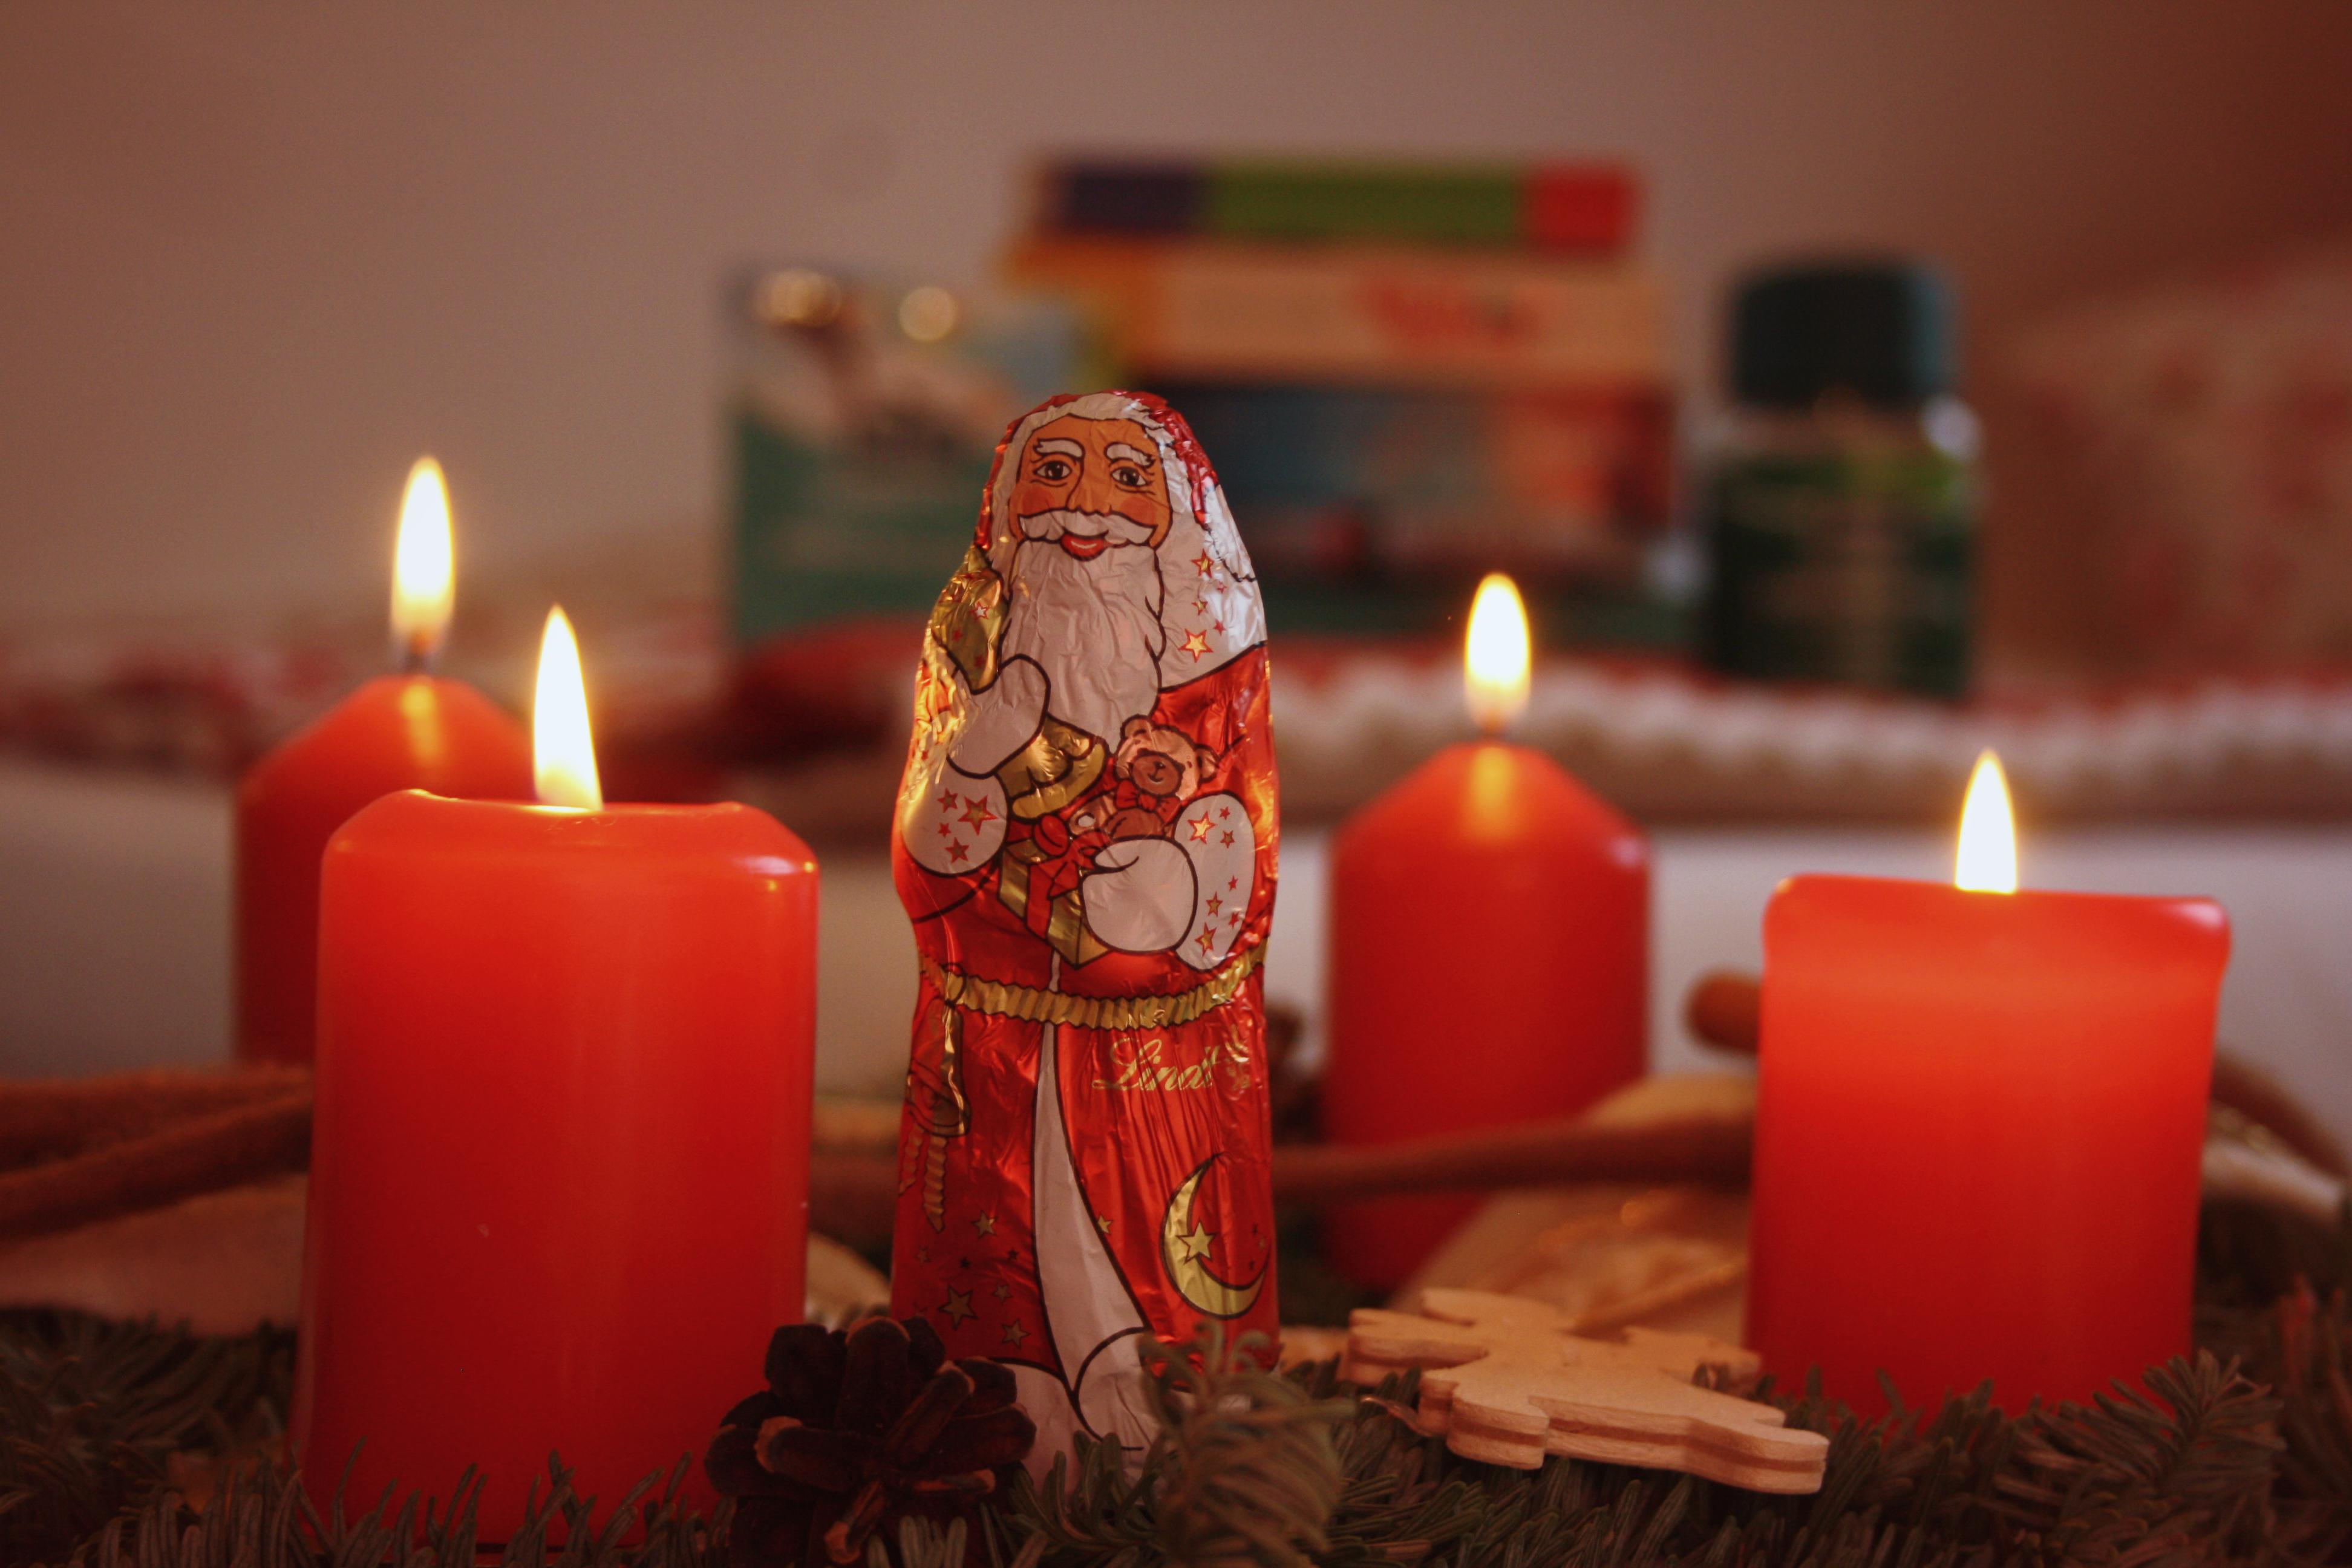 Weihnachtsgewinnspiel – Caro verschenkt Glück!